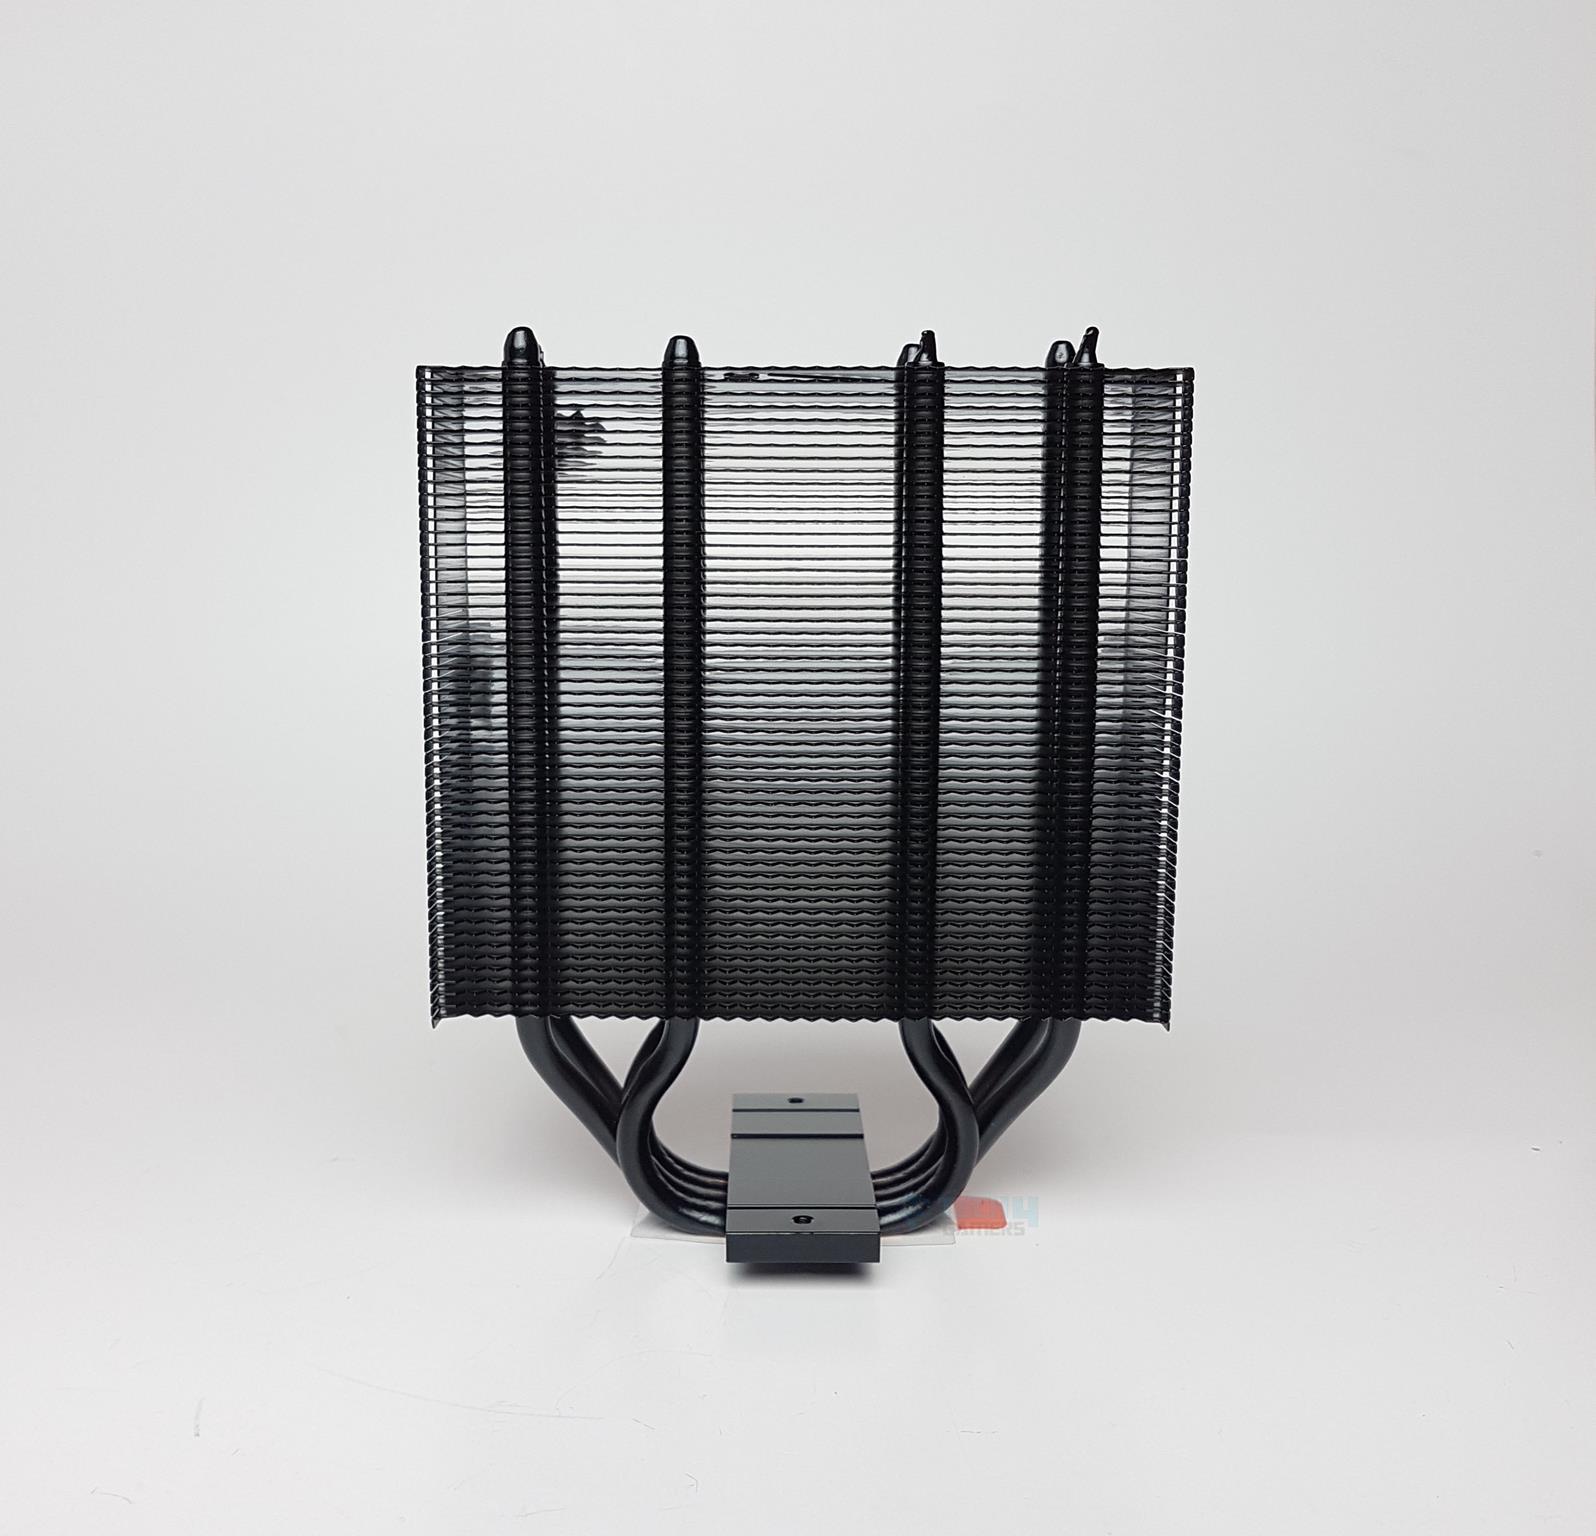 Freezer 34 eSports DUO Heatsink